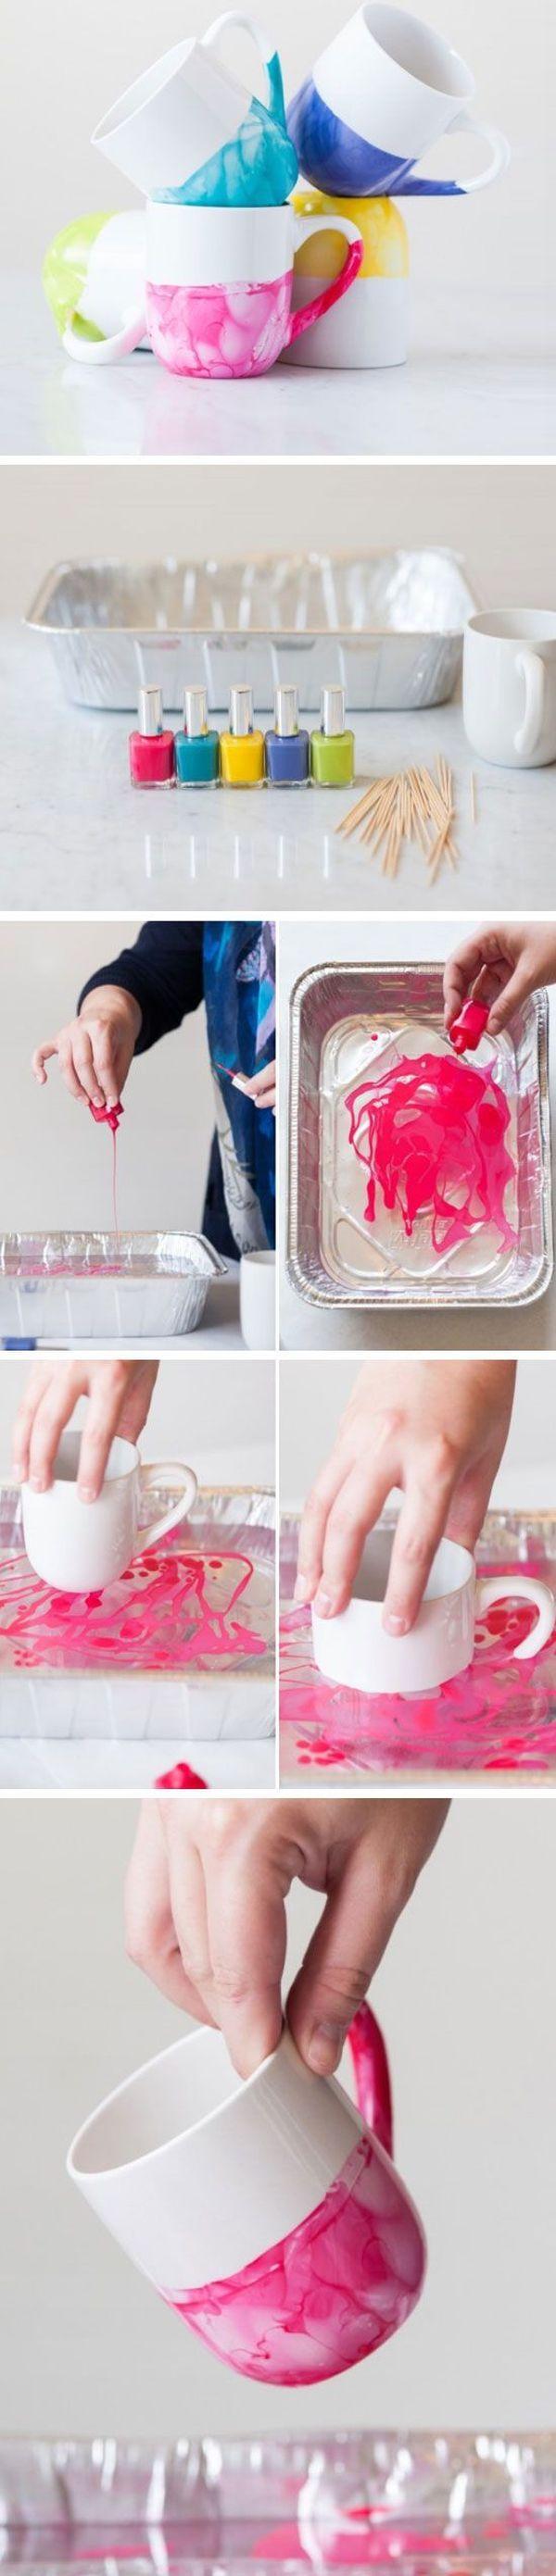 Δημιουργικές ιδέες για να διακοσμήσετε κούπες με βερνίκι νυχιών | SunnyDay